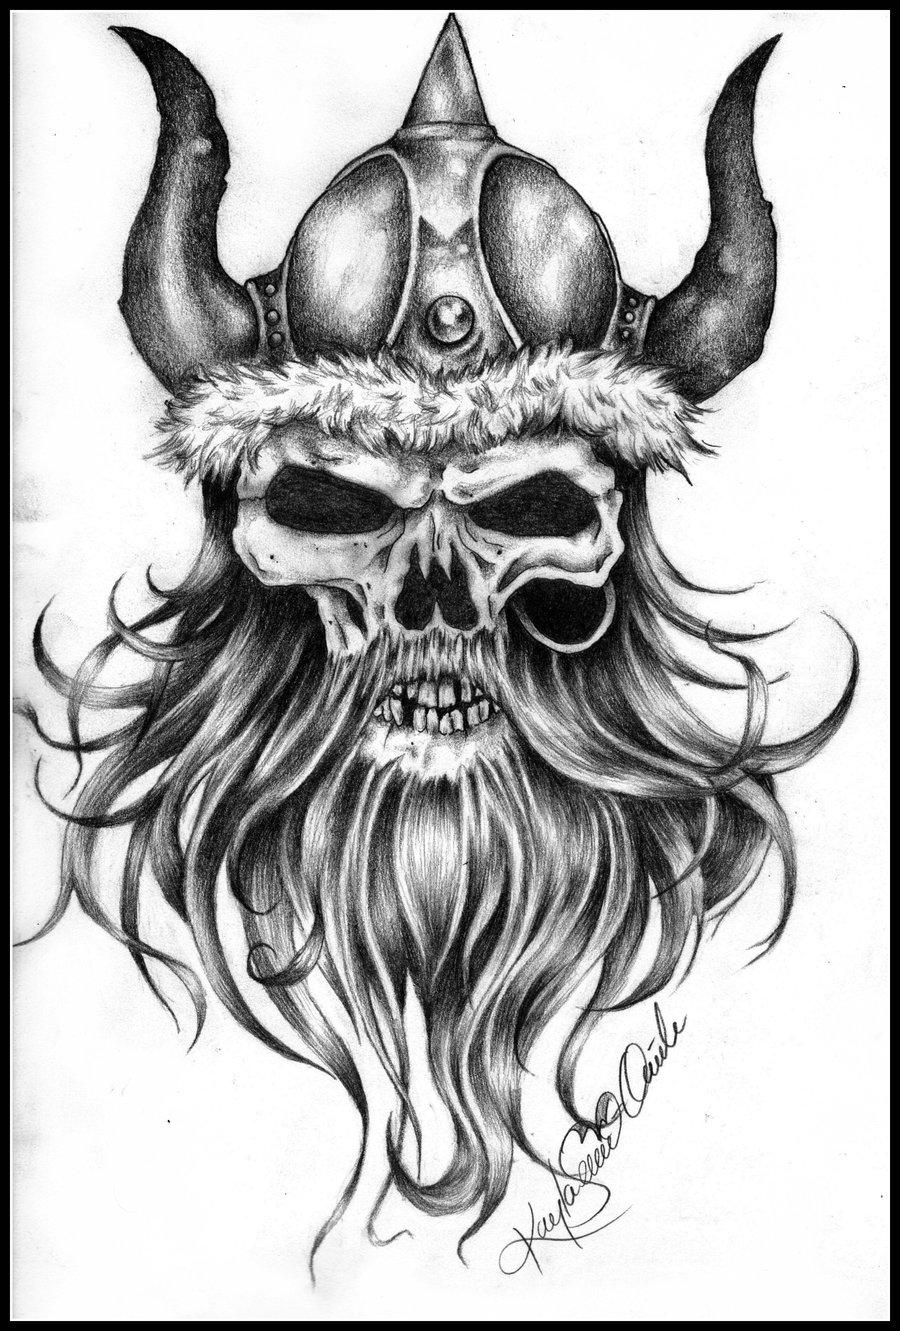 Drawn viking airbrush KaylaSevier KaylaSevier Viking Viking KaylaSevier